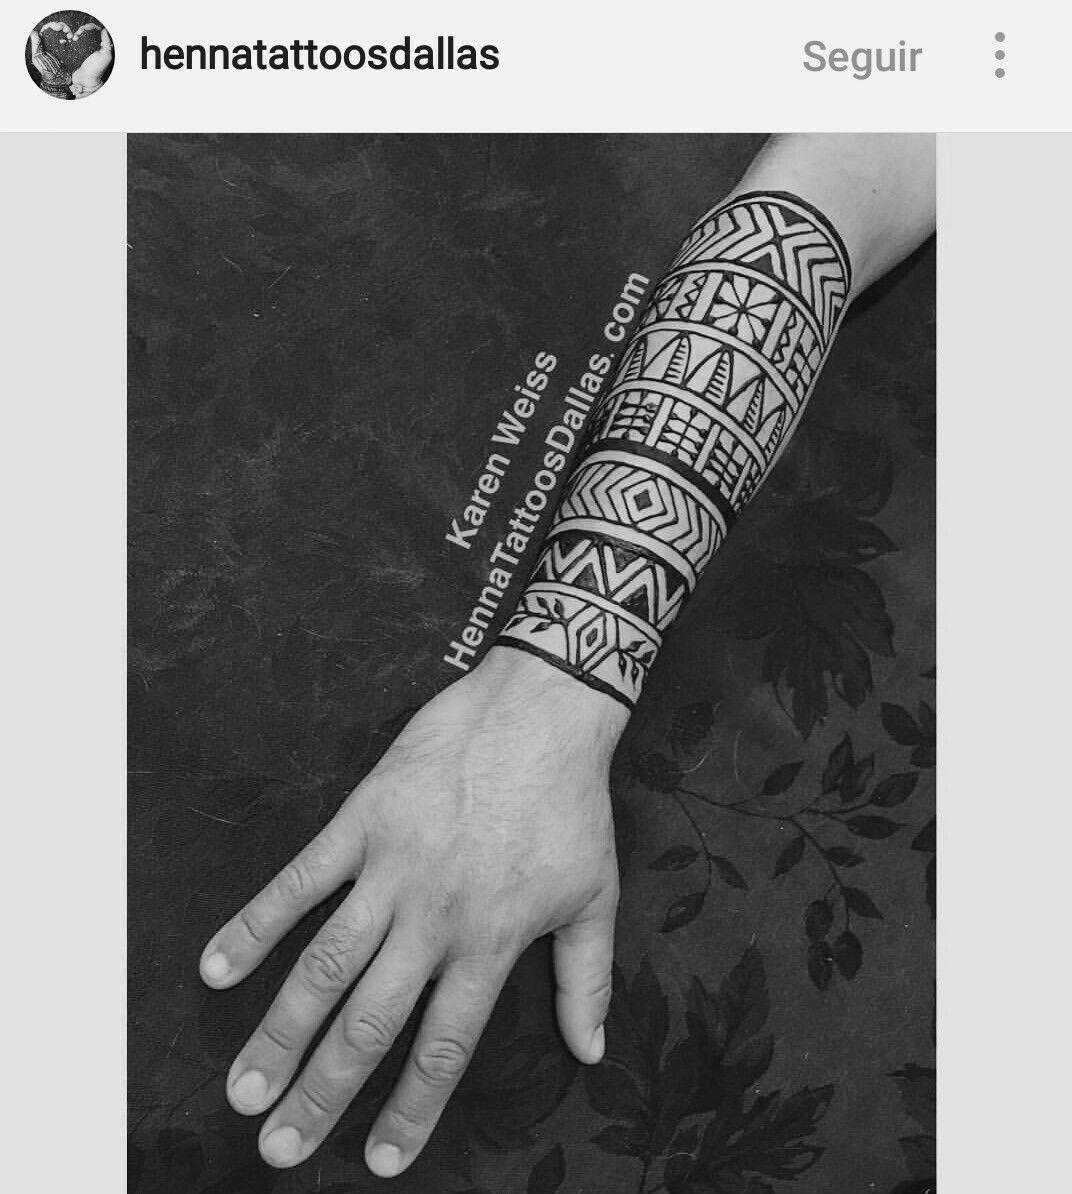 Mens Henna Foot Tattoo: Men Henna Tattoo, Henna Tattoo Designs